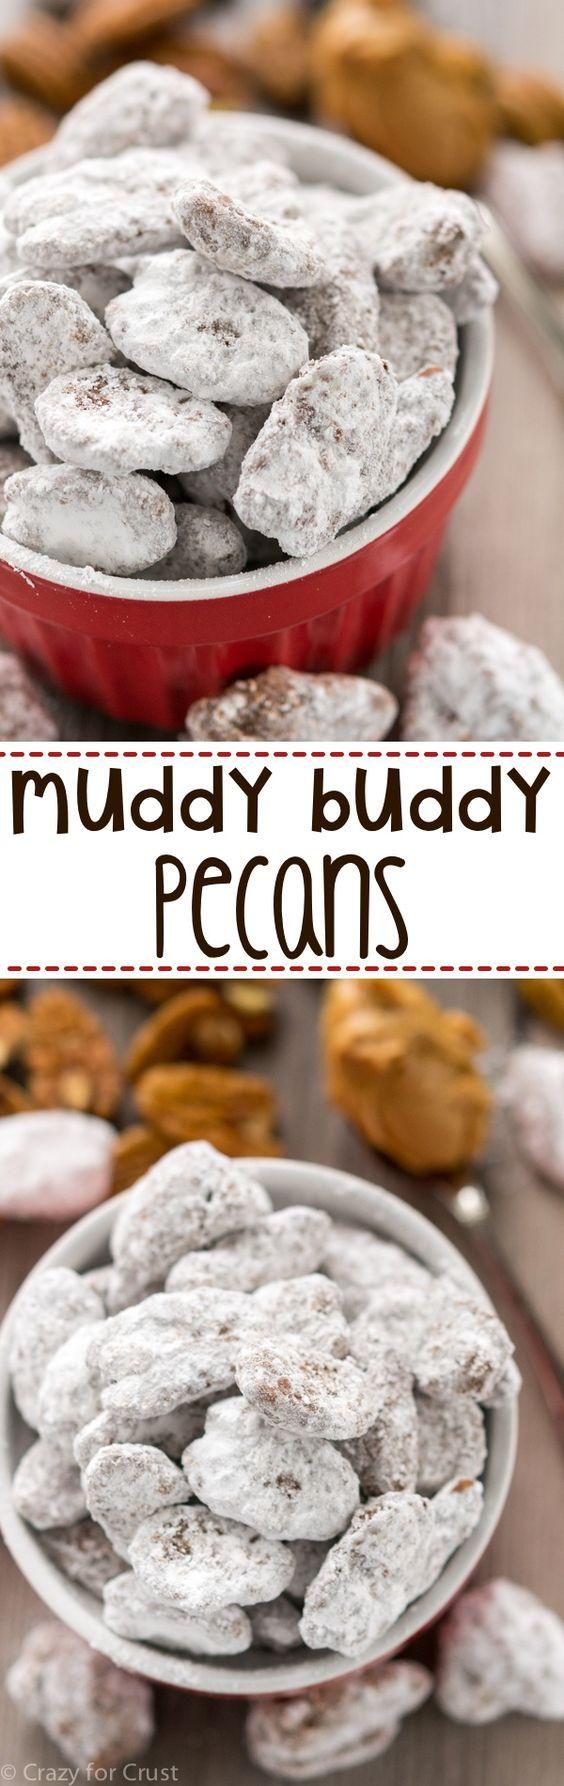 Fangoso de Buddy Las nueces son una receta fácil que es perfecto para fiestas, días de fiesta, o partes!  El chocolate y la mantequilla de maní nueces cubierto, bañado en azúcar en polvo!